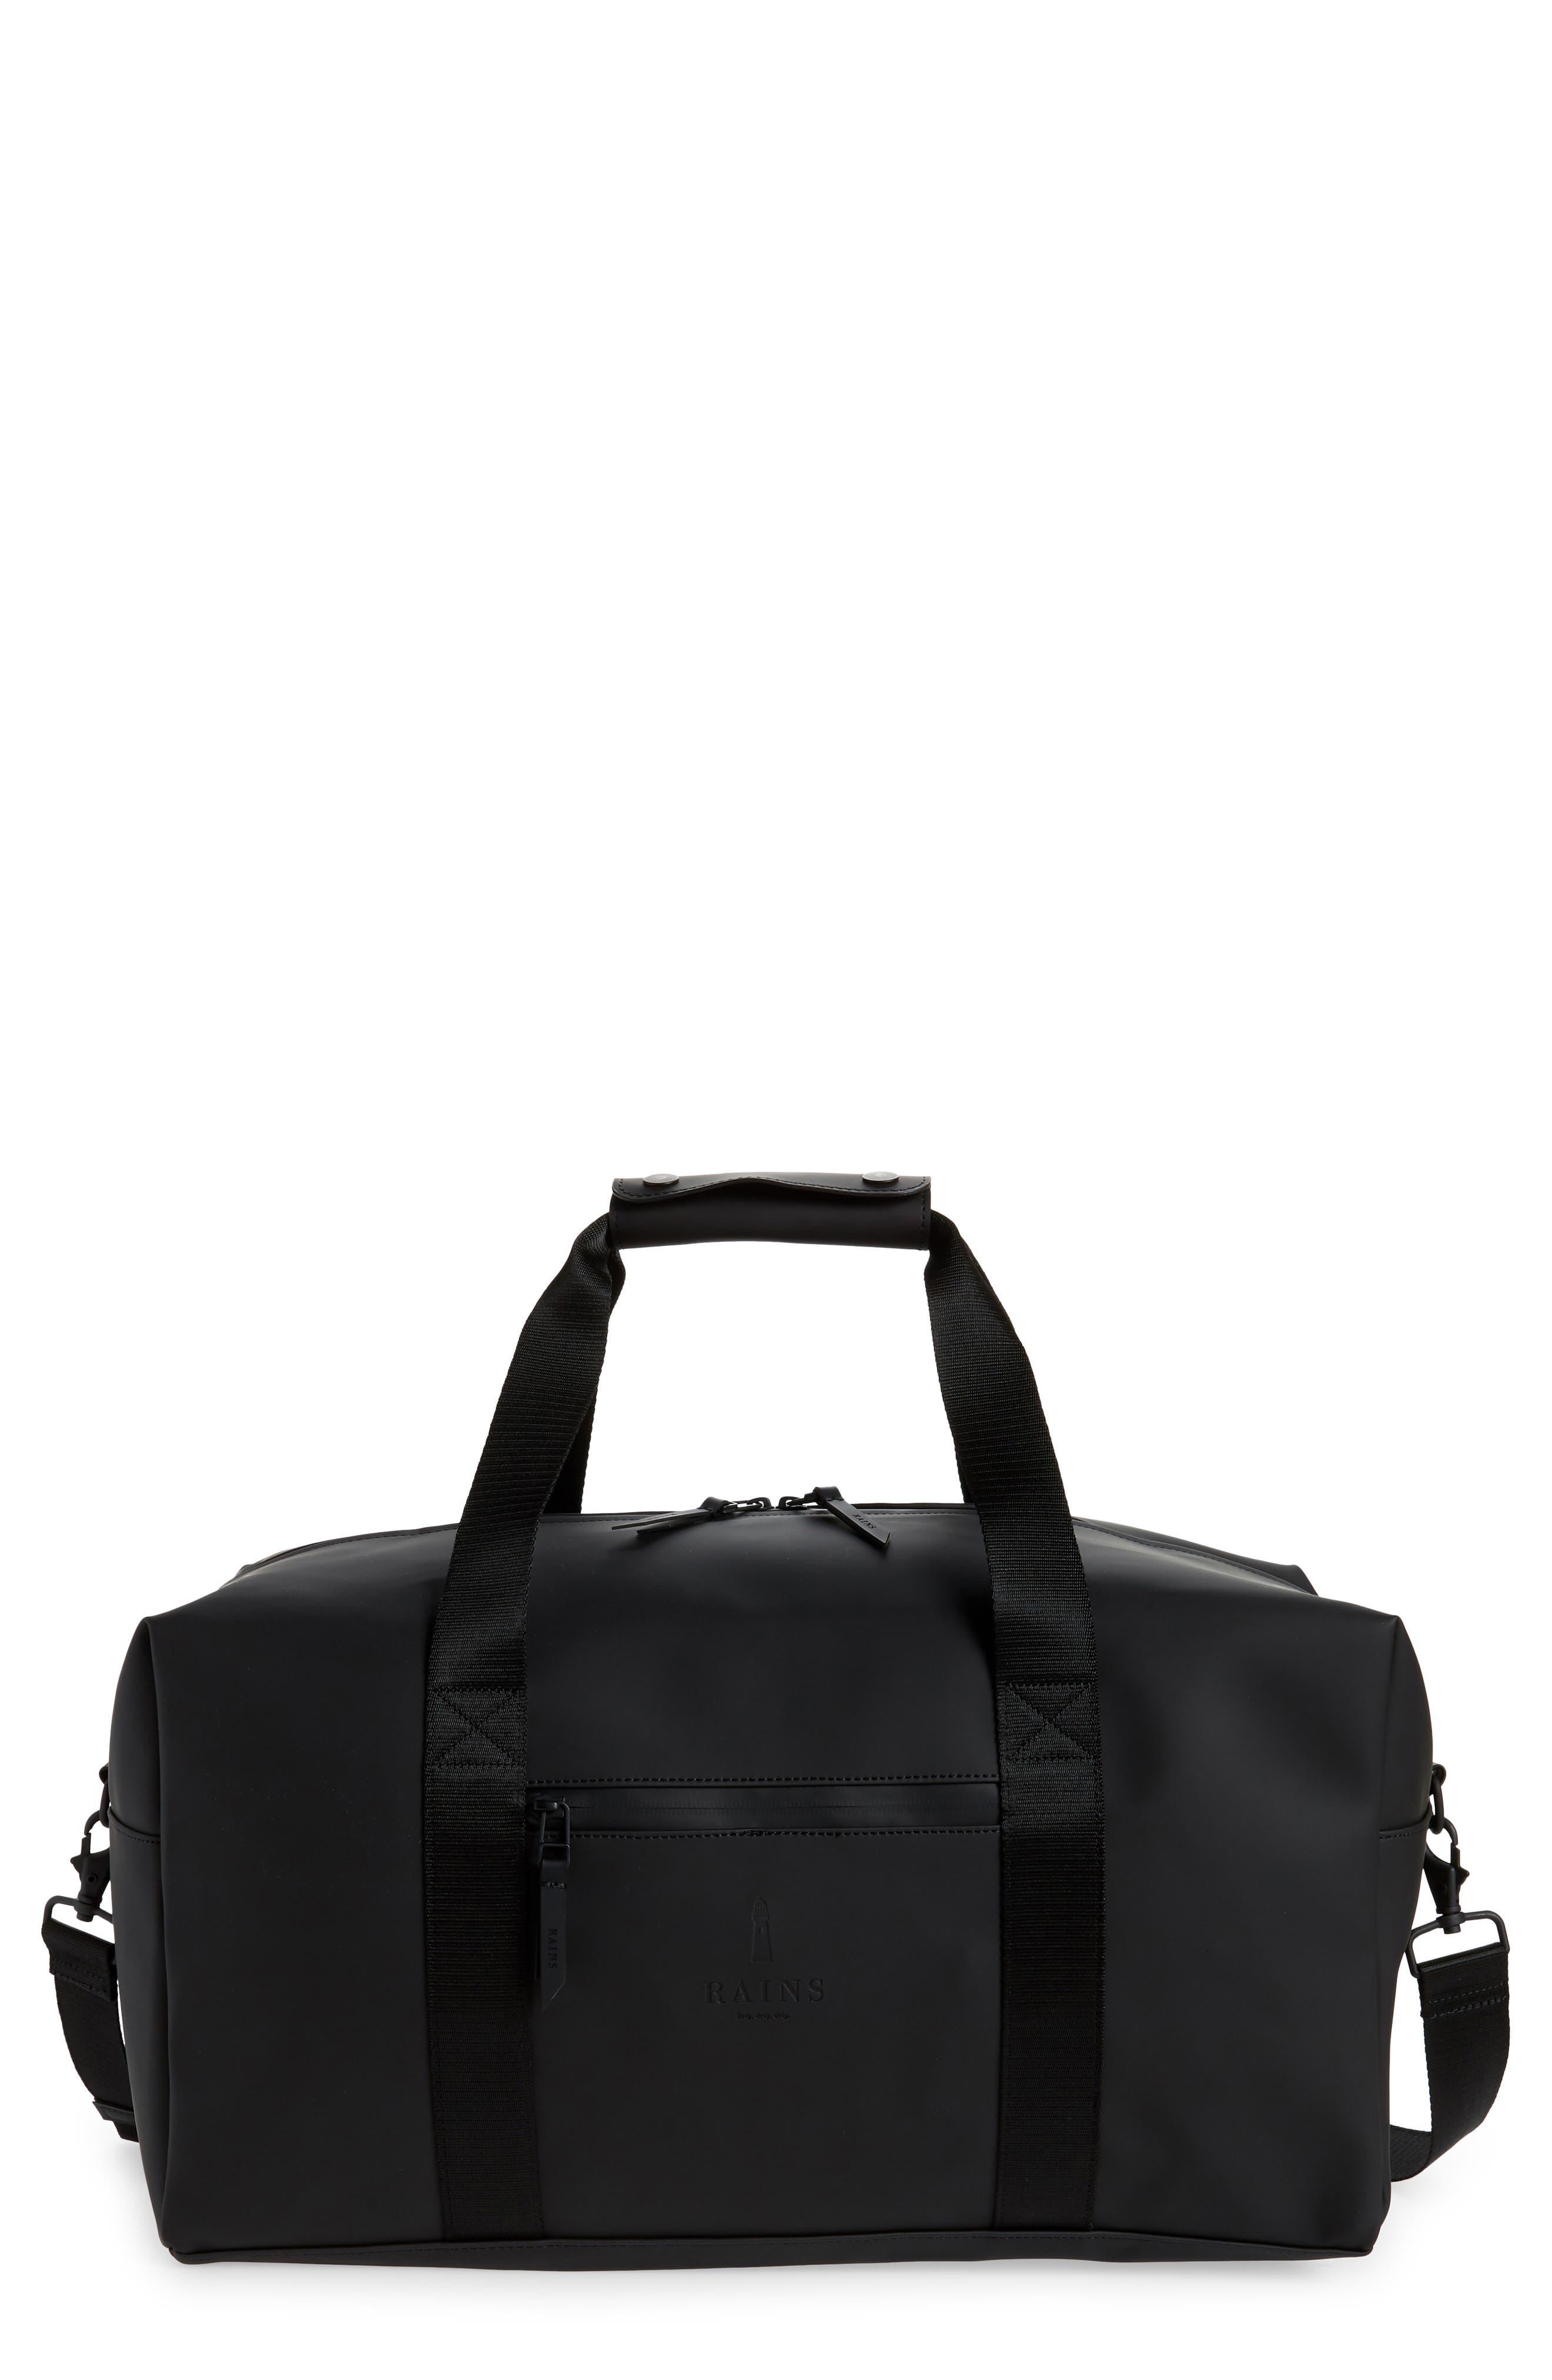 Rains Waterproof Gym Bag - Black